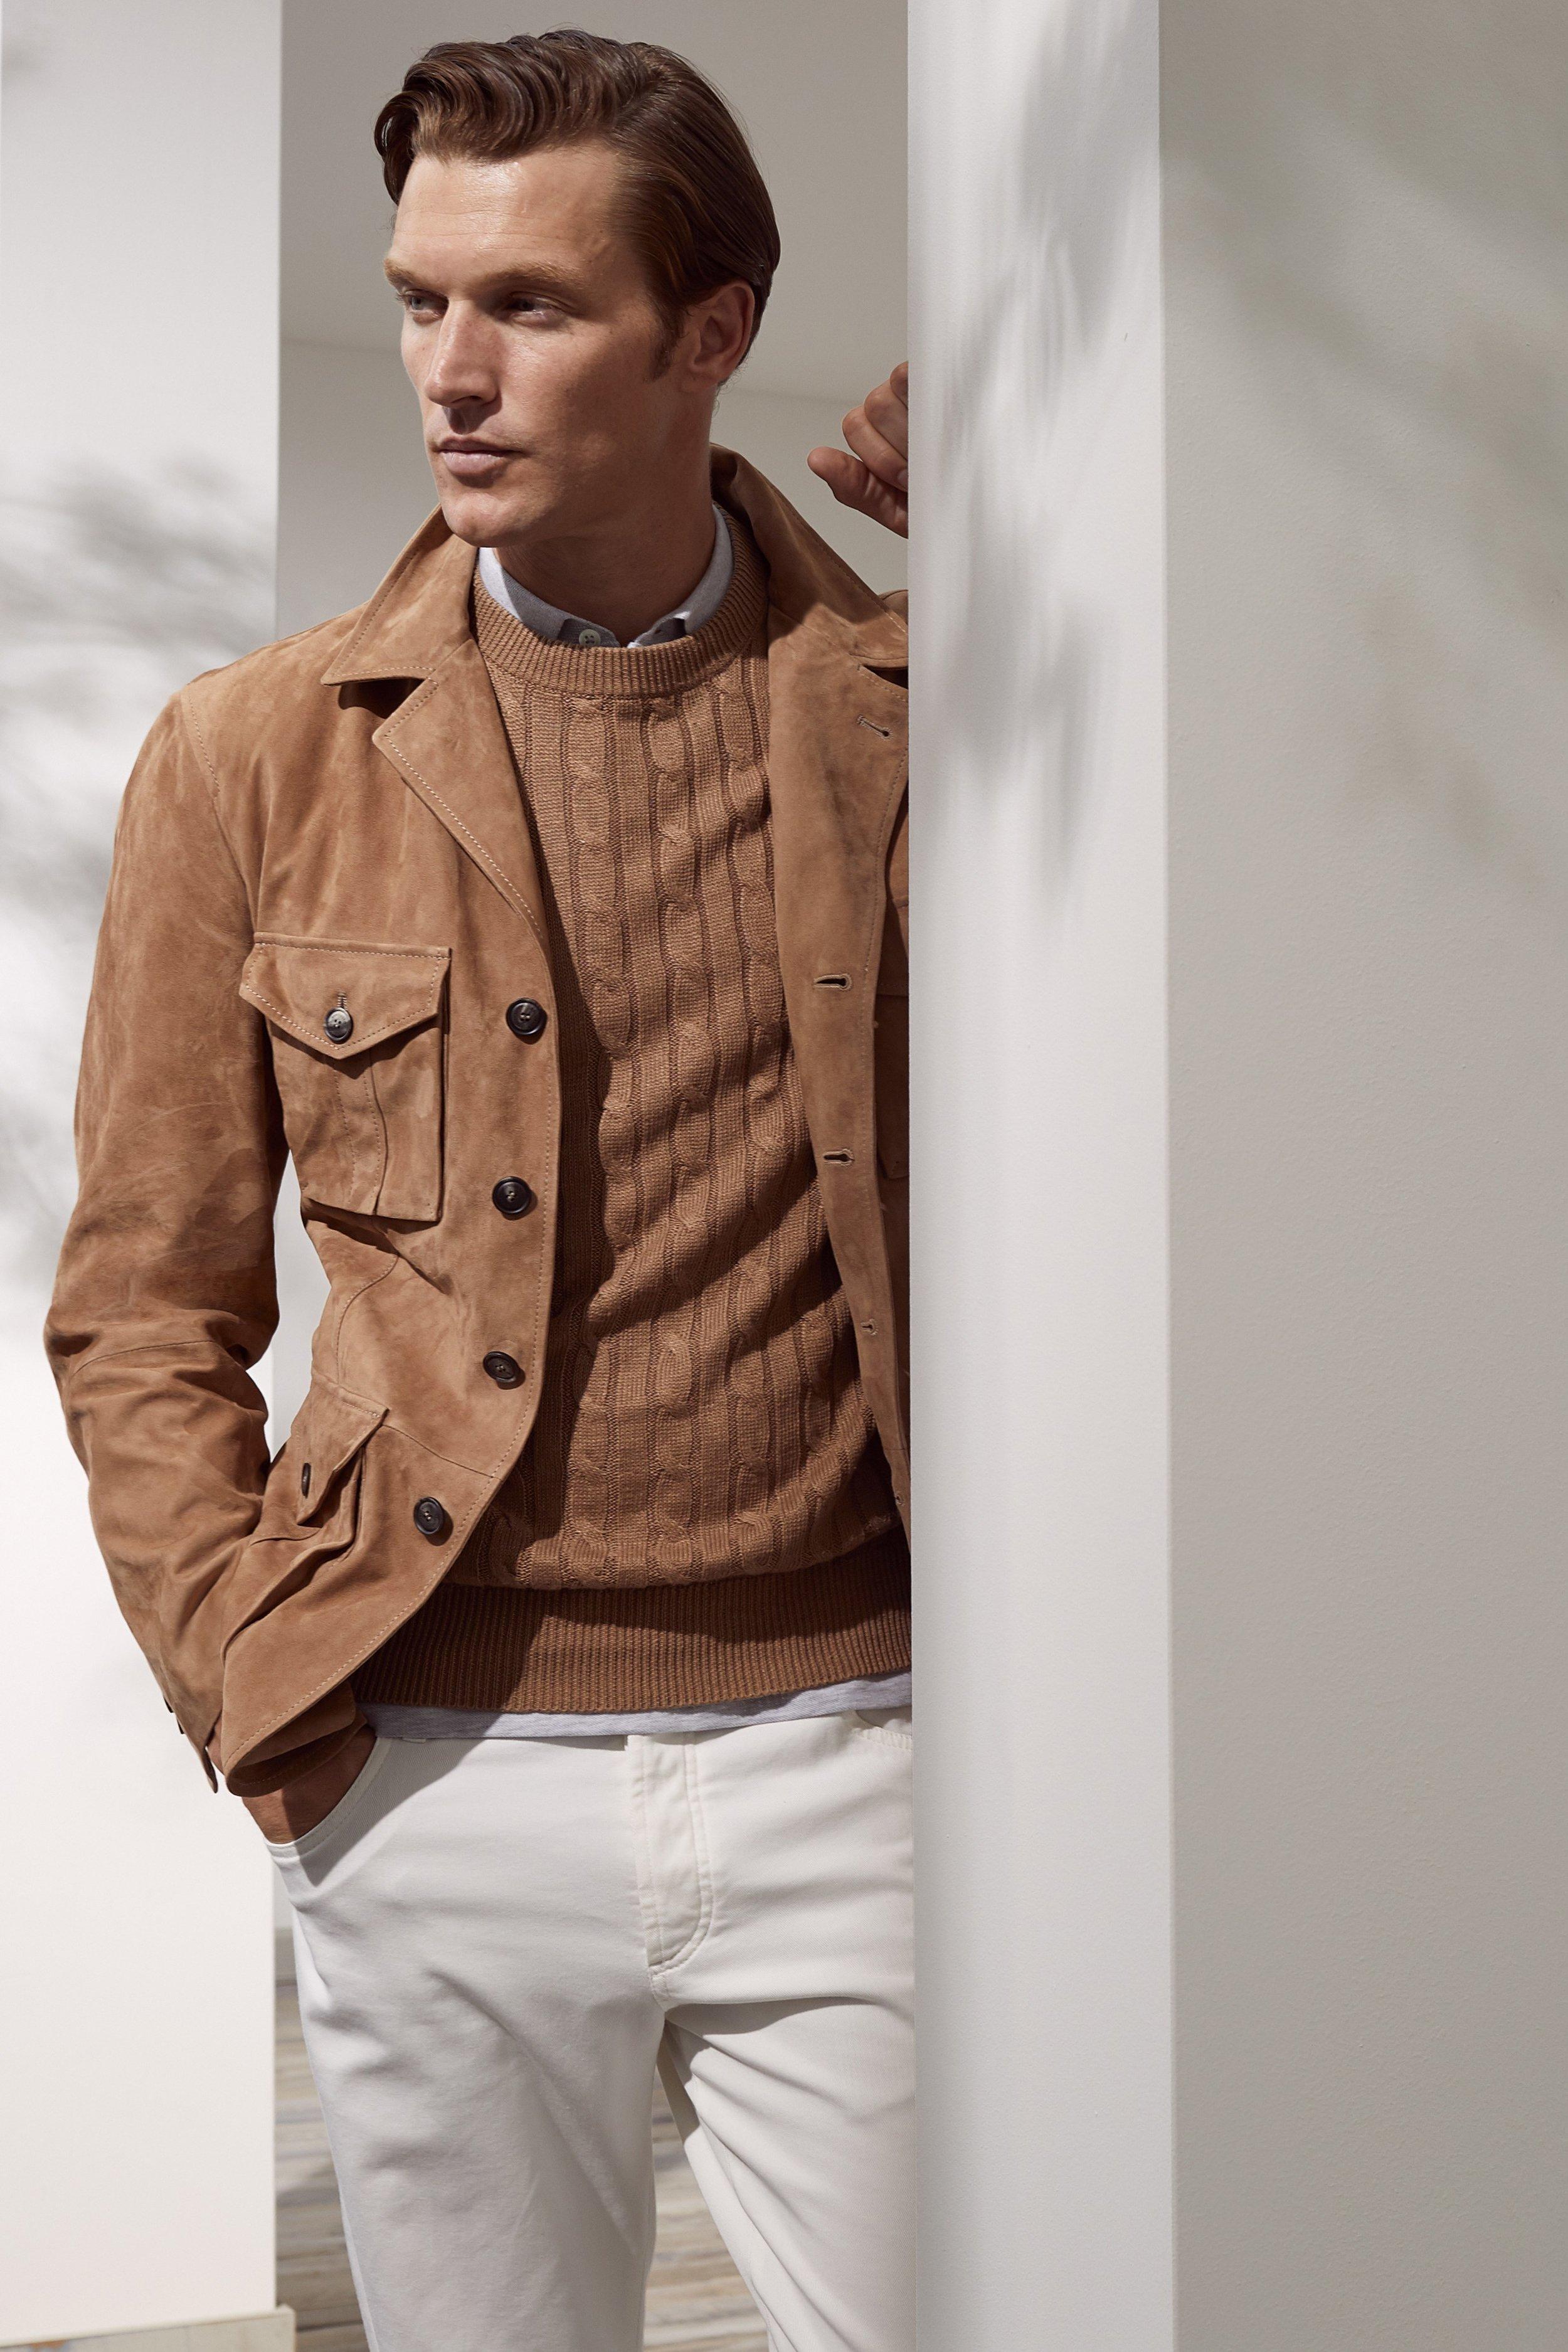 00005-brunello-cucinelli-Vogue-Menswear-SS19-pr.jpg